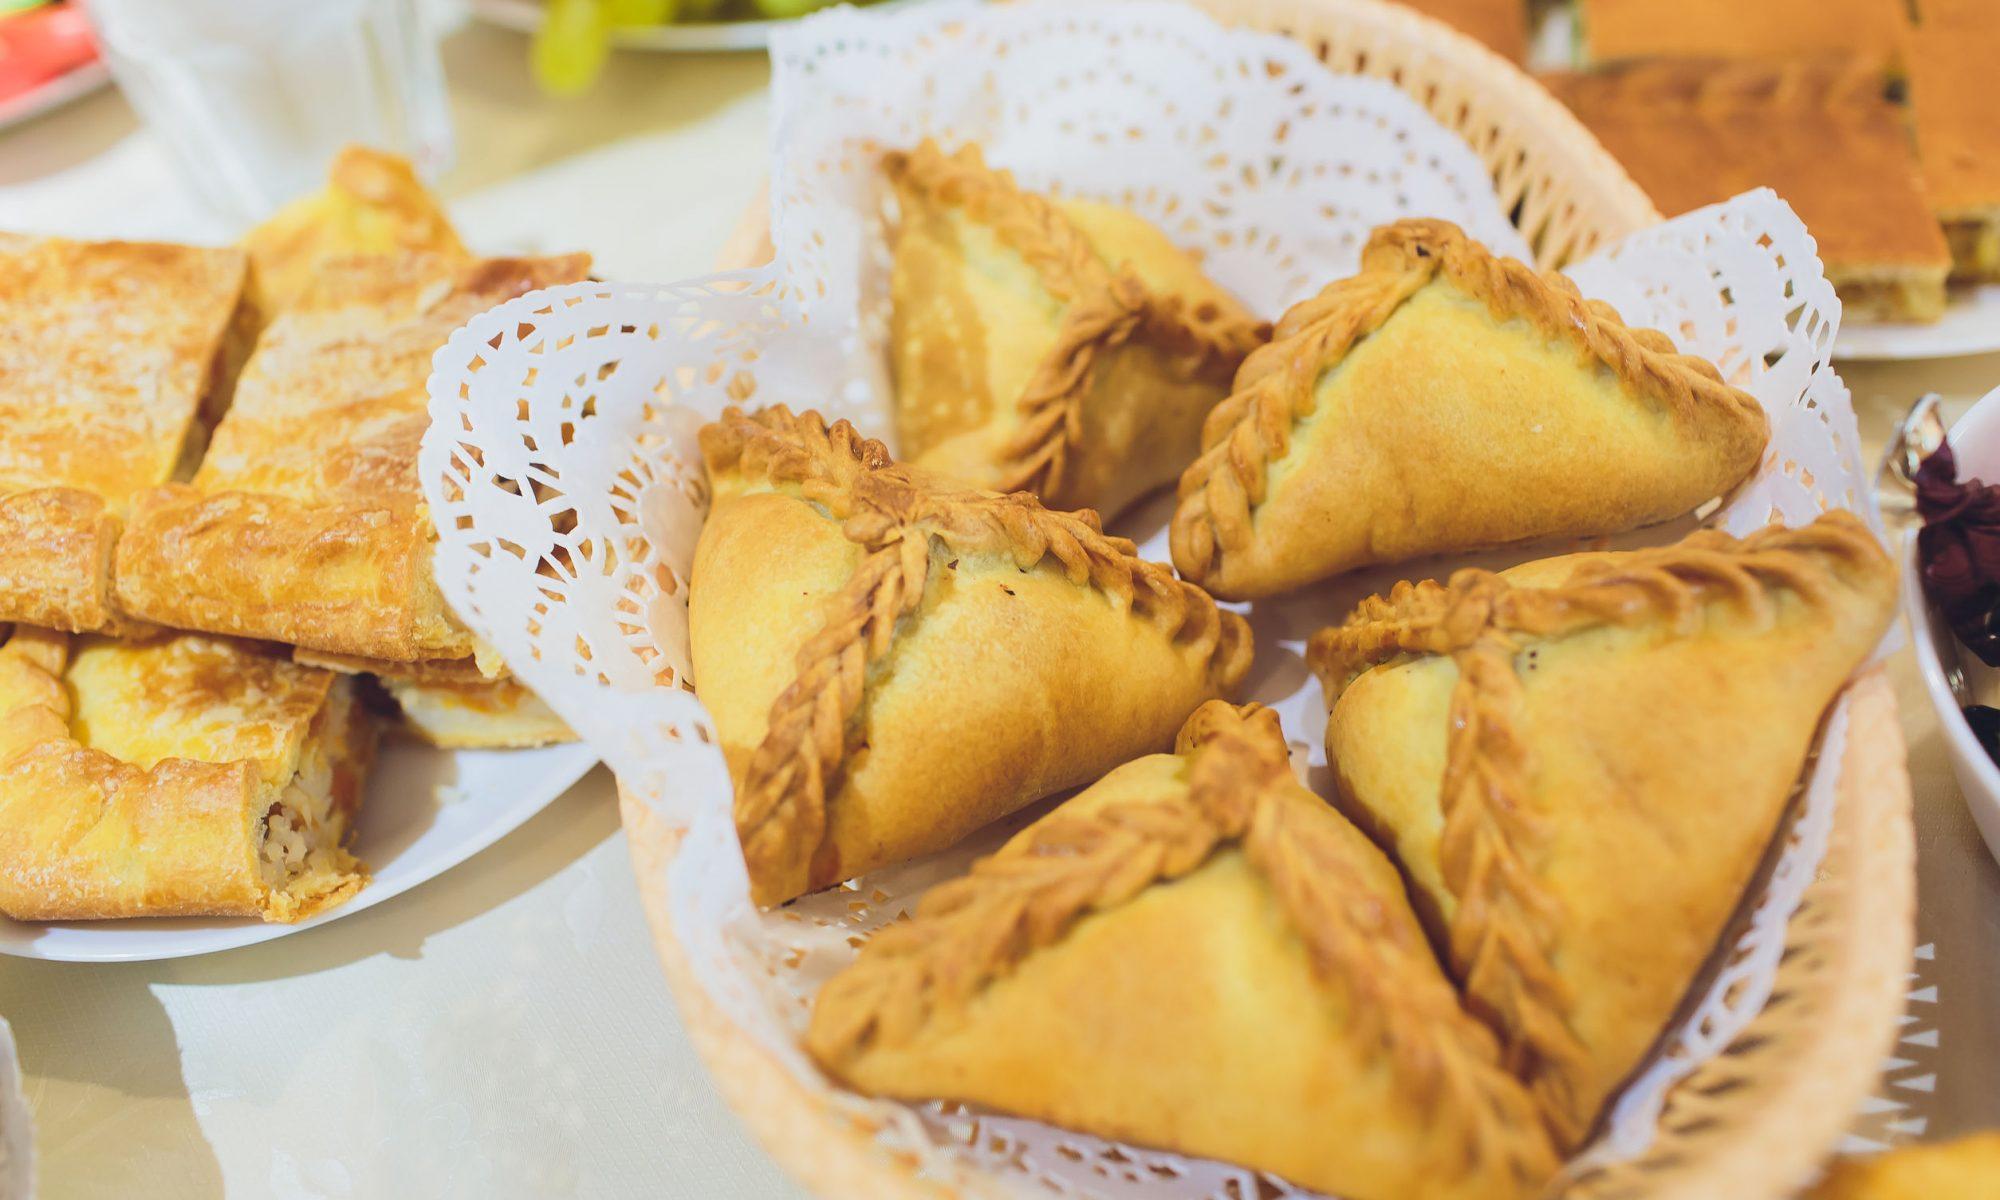 Пирожки с картошкой в духовке: рецепты от Шефмаркет